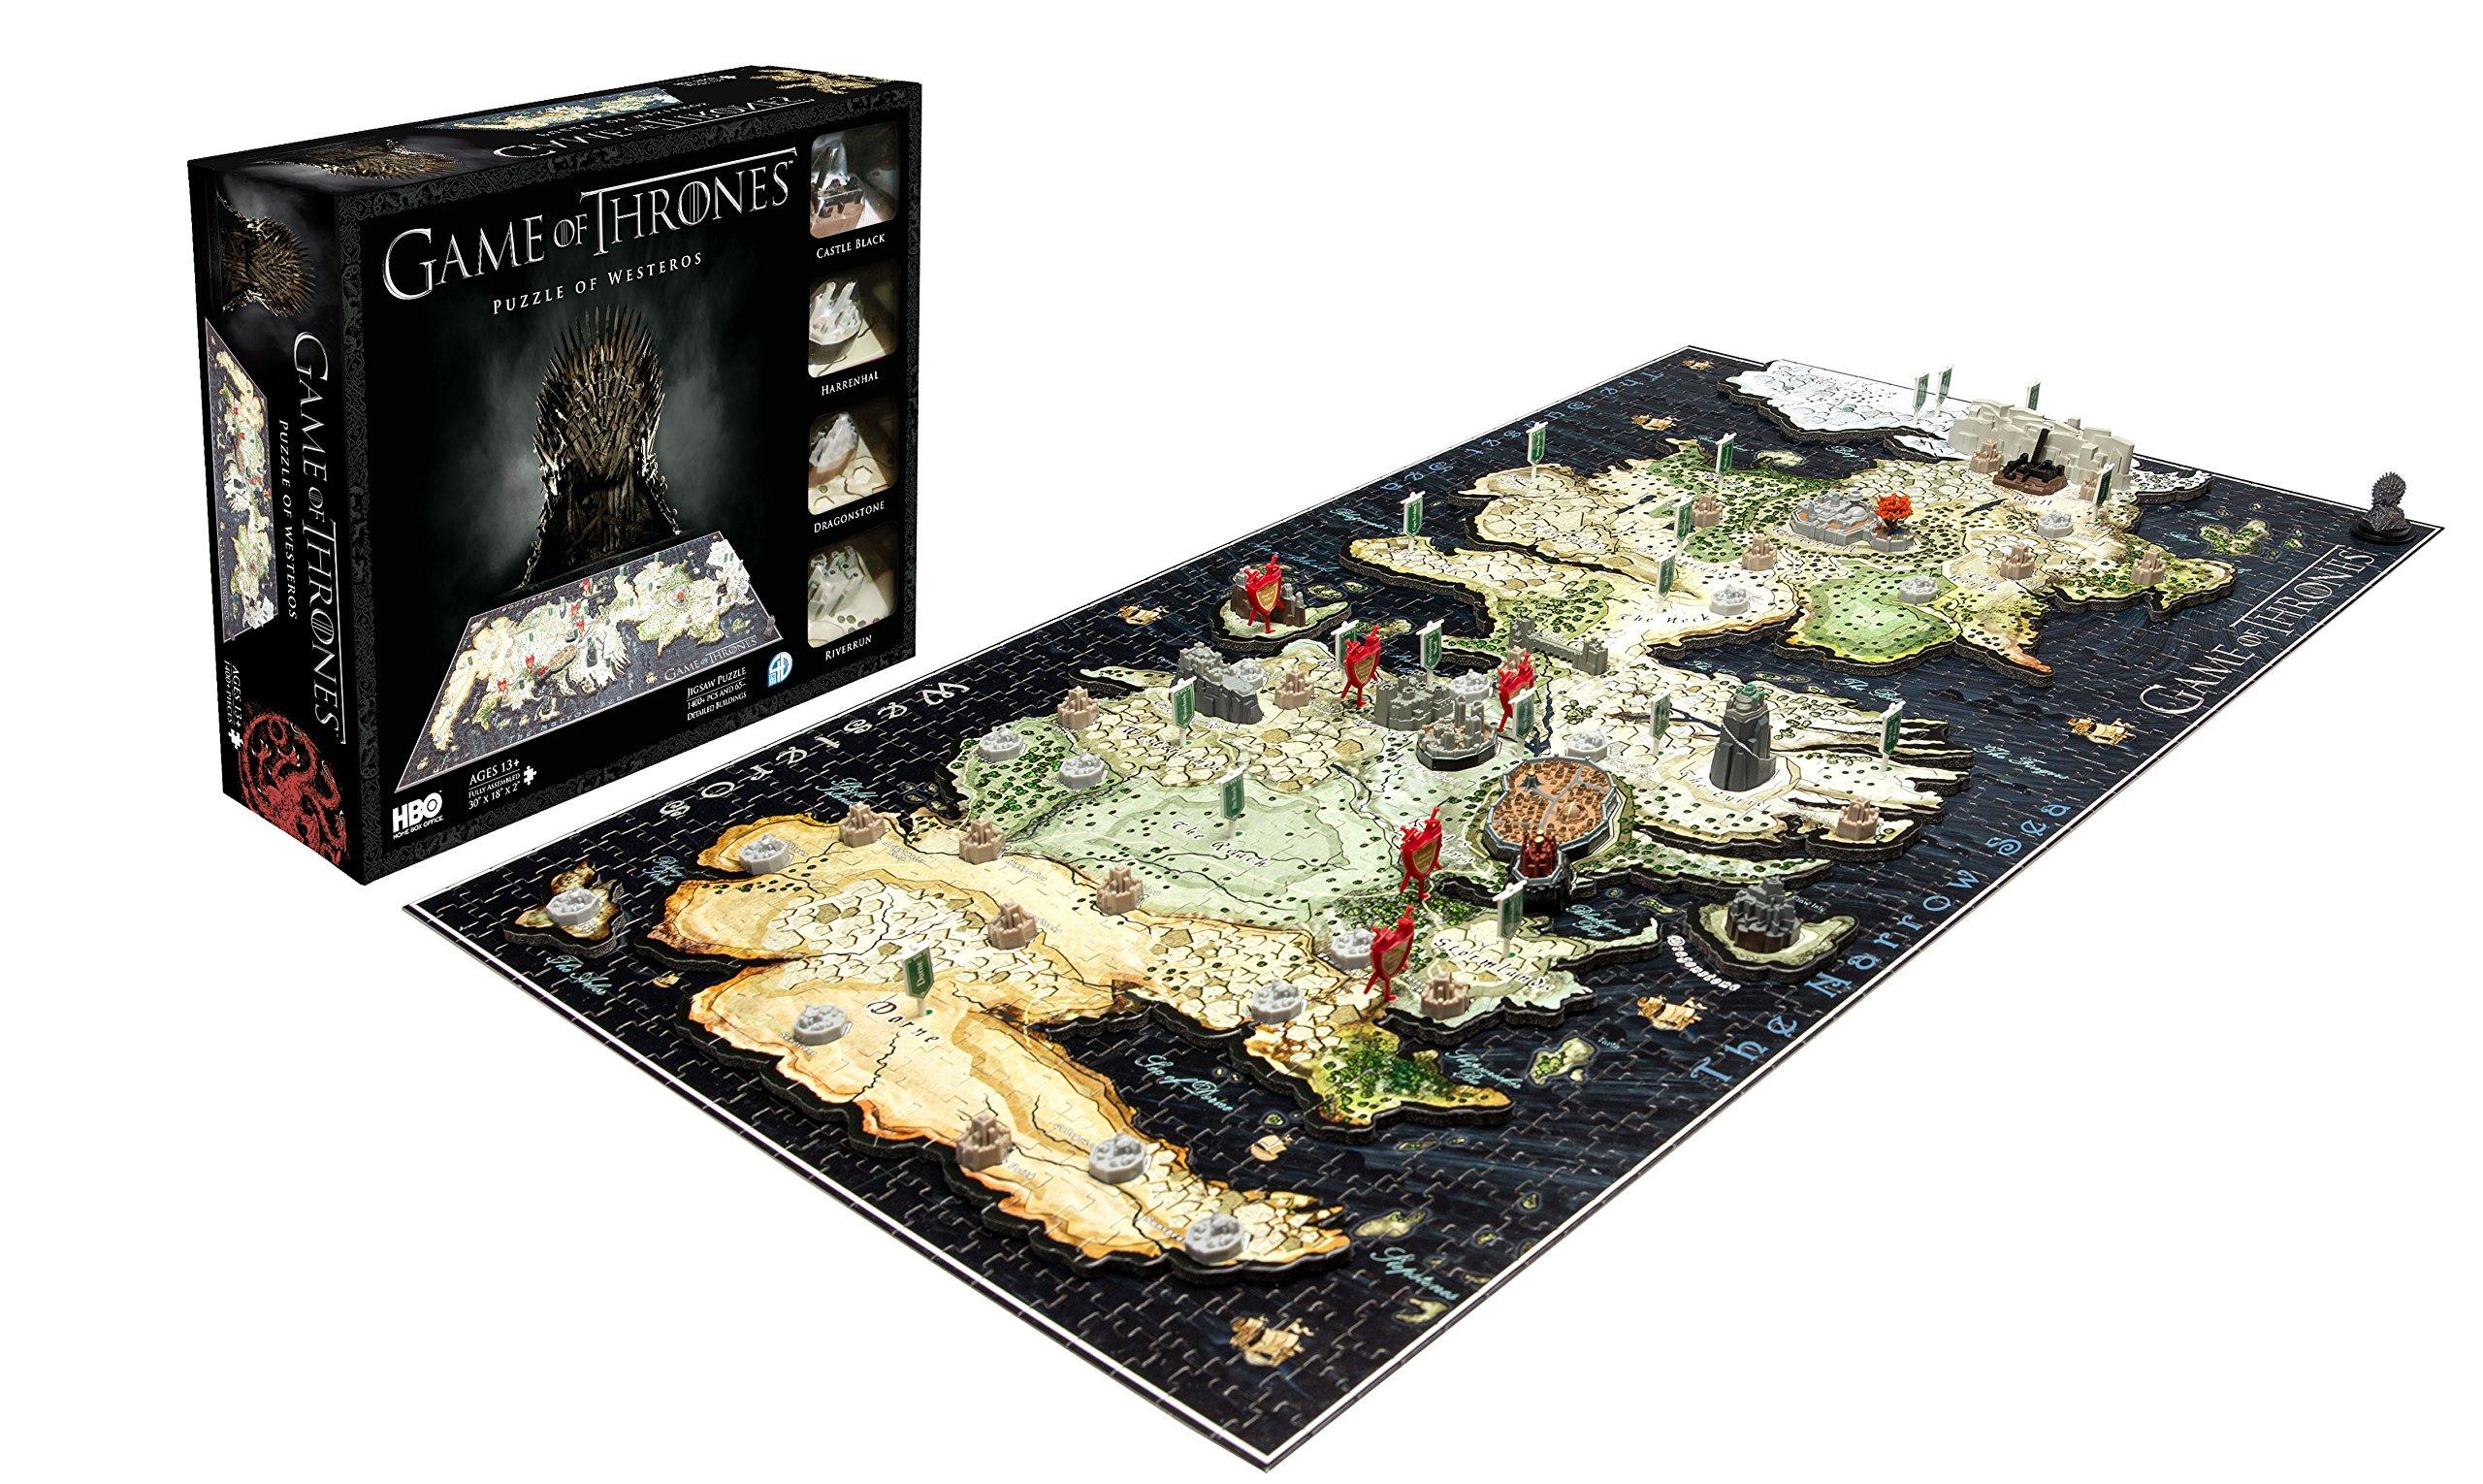 Juego de Tronos 51000 - Puzzle 4D (Eleven Force 10001) - Puzzle Poniente 4d (1400pzs): Amazon.es: Juguetes y juegos